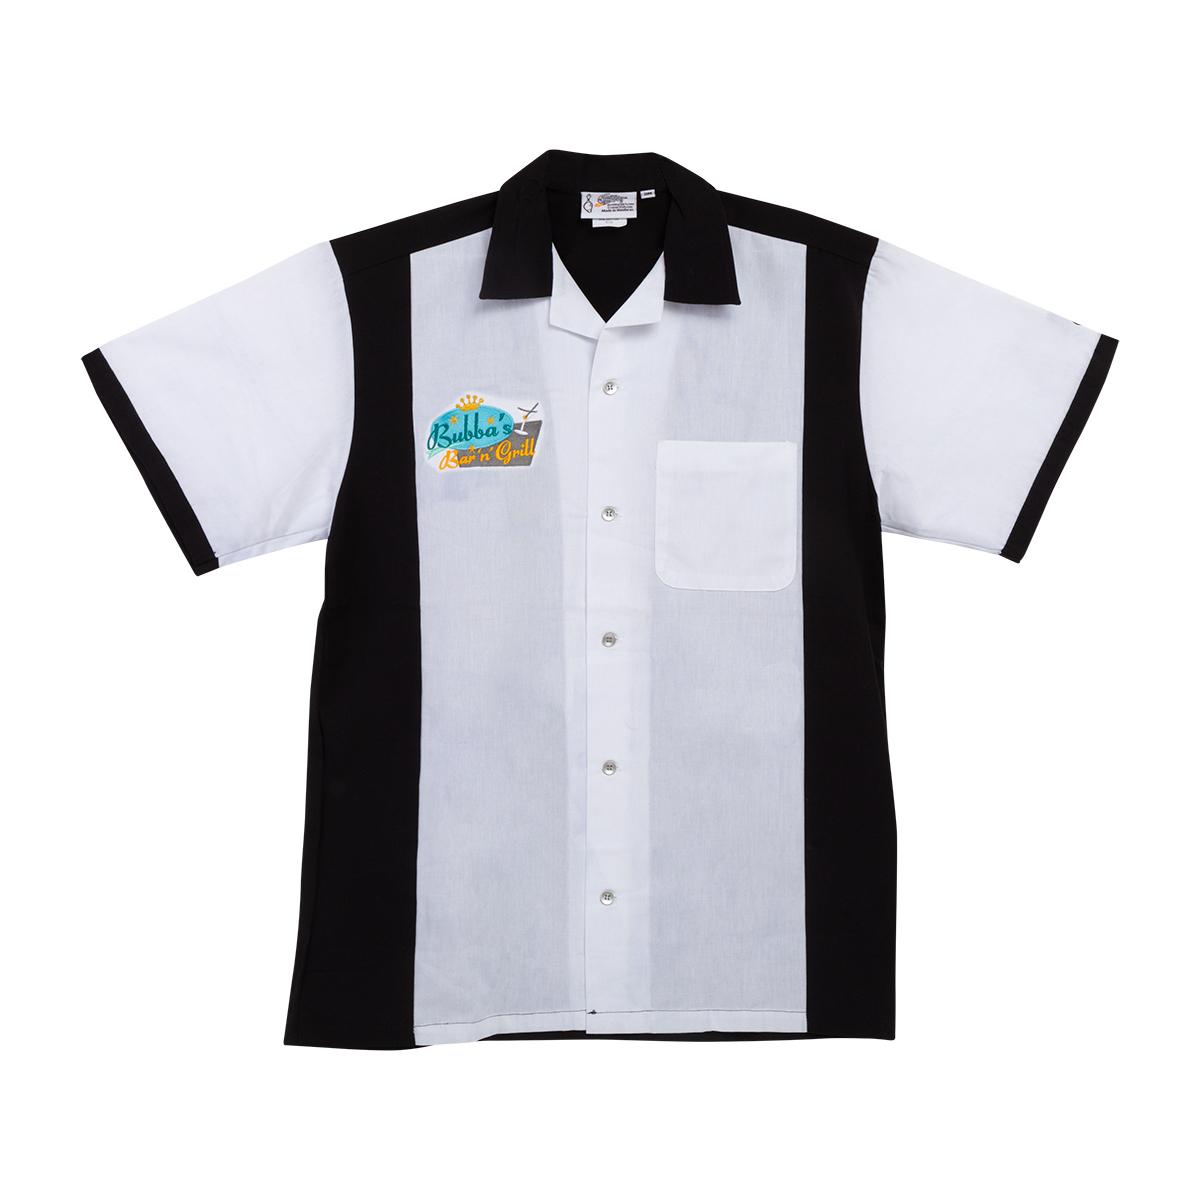 Bubba's Black & White Bowling Shirt